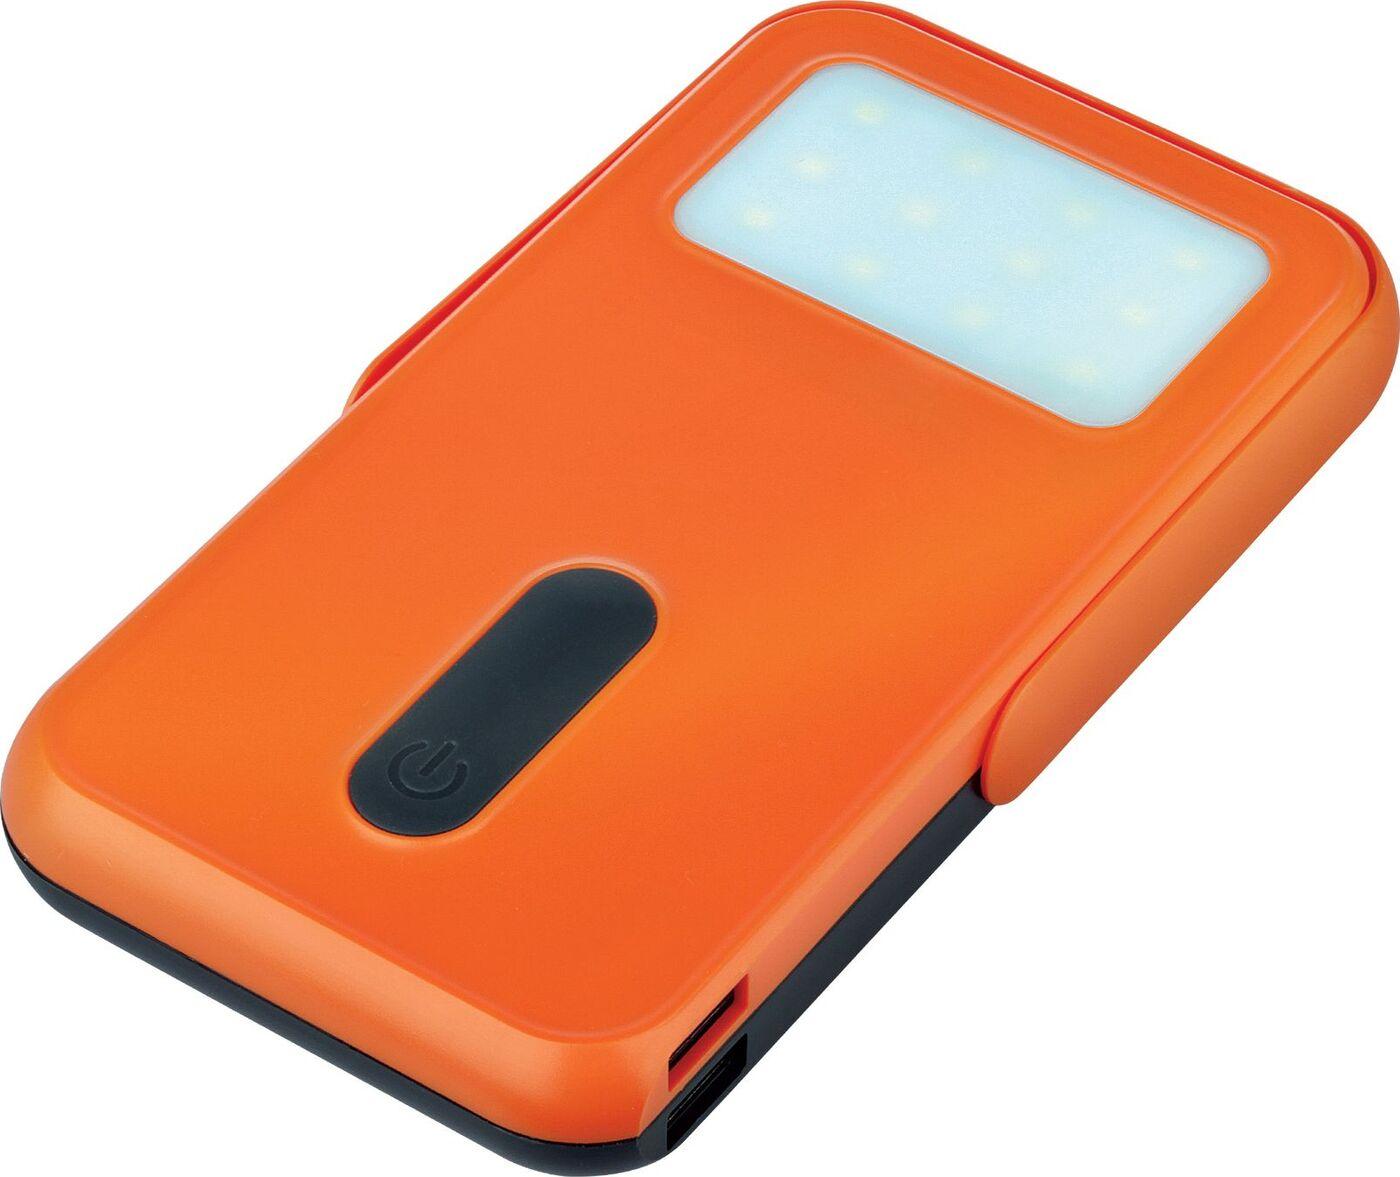 Внешний аккумулятор Qumo PowerAid Tourist Solar 2, черный, оранжевый цена и фото